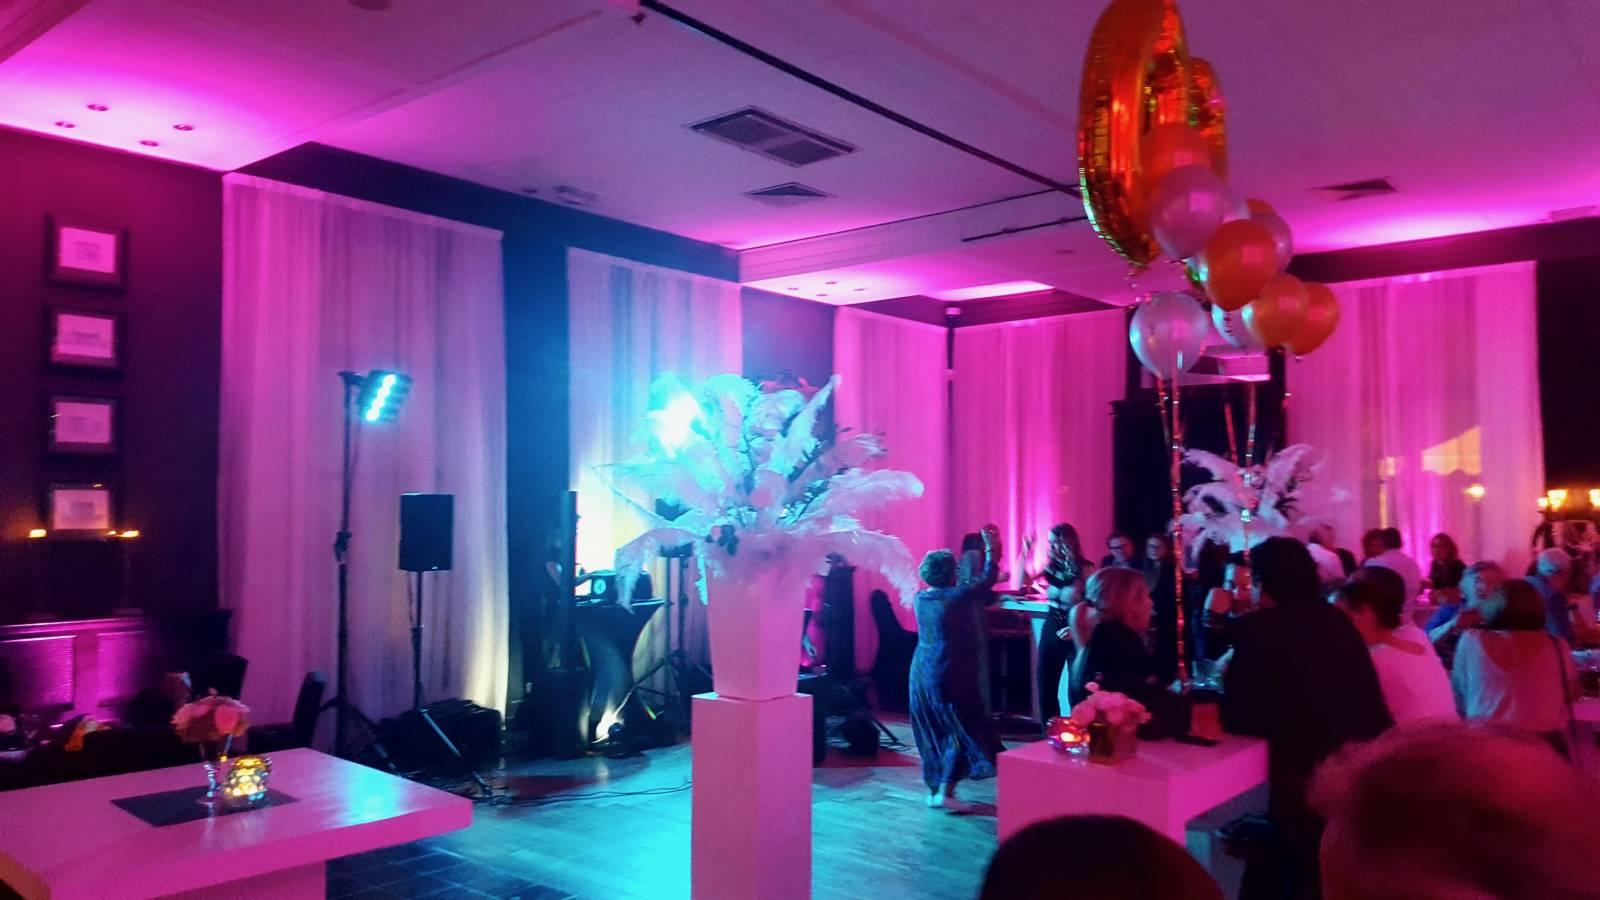 EXCLUSIVE LIVE BAND for weddings - Band - Muziek - House of Weddings - 1